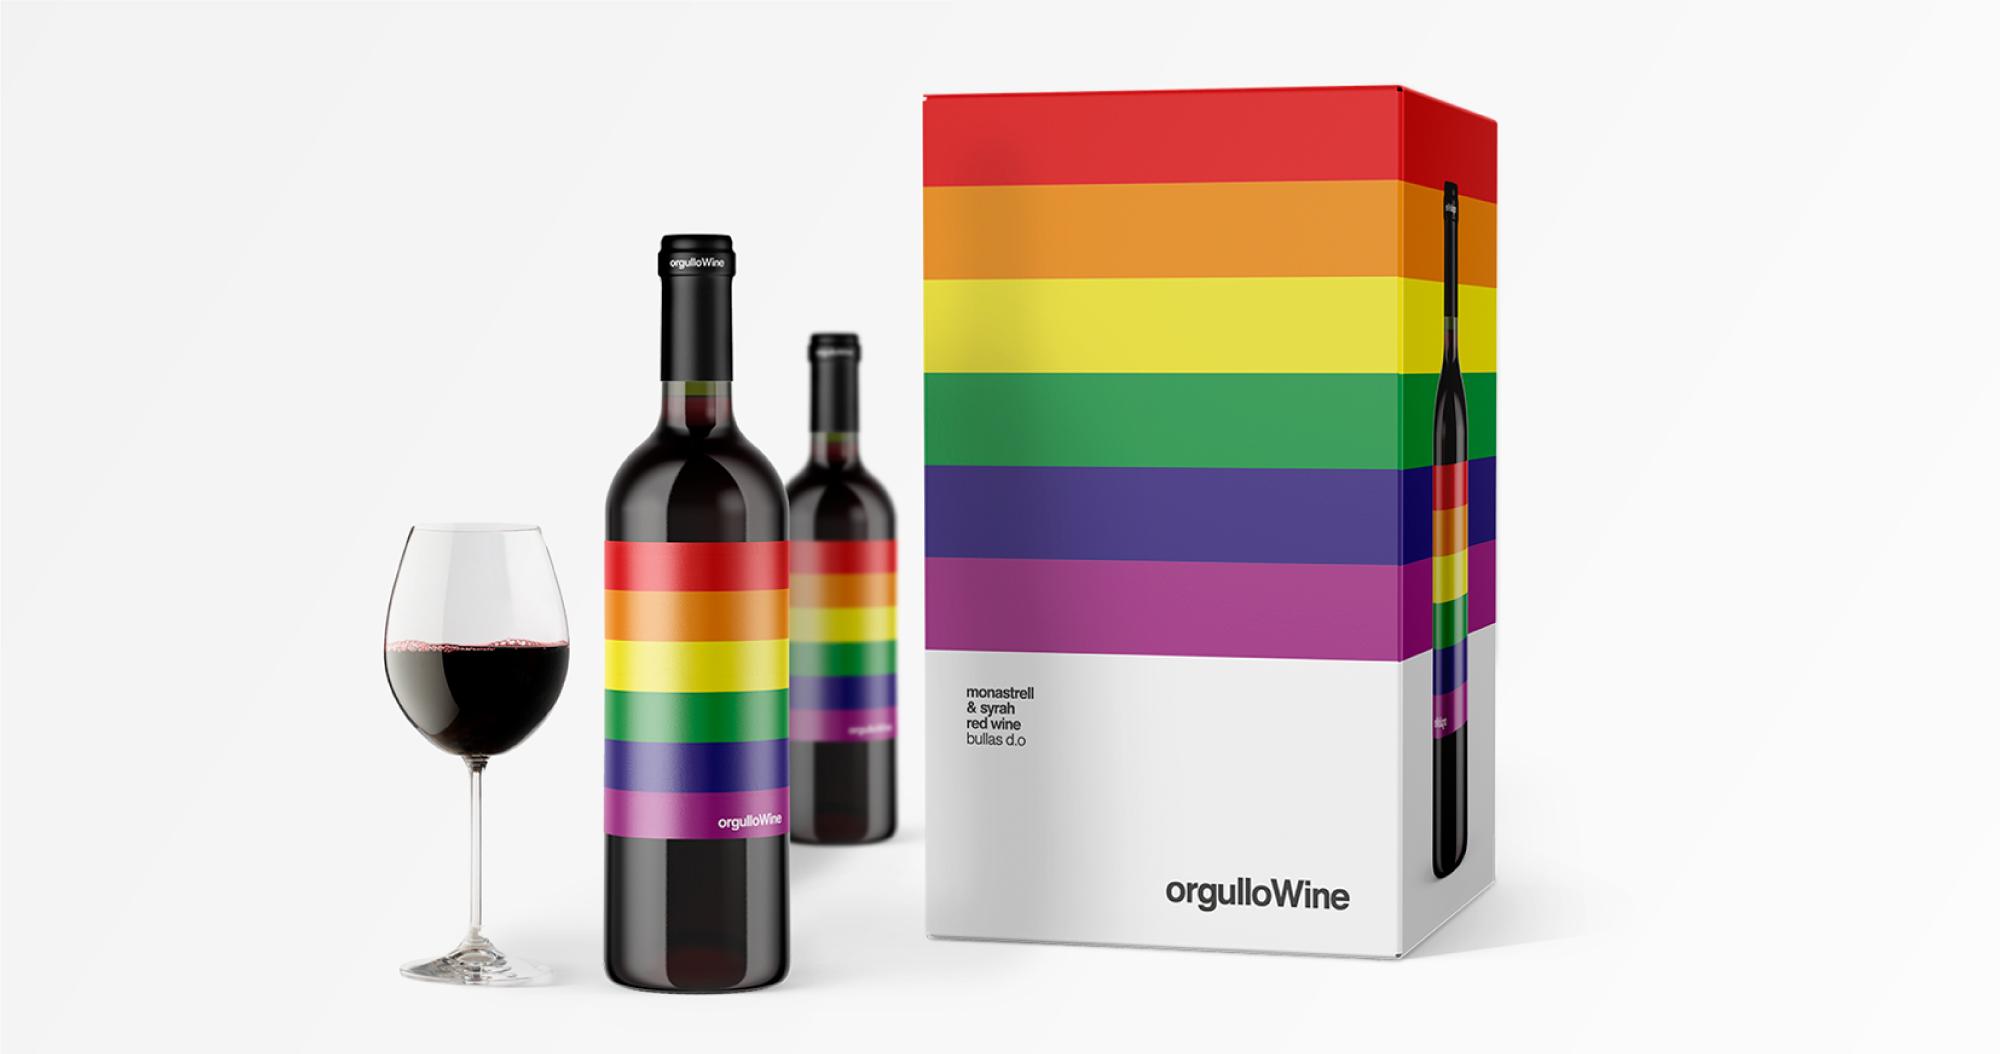 Orgullo-wine-branding-005